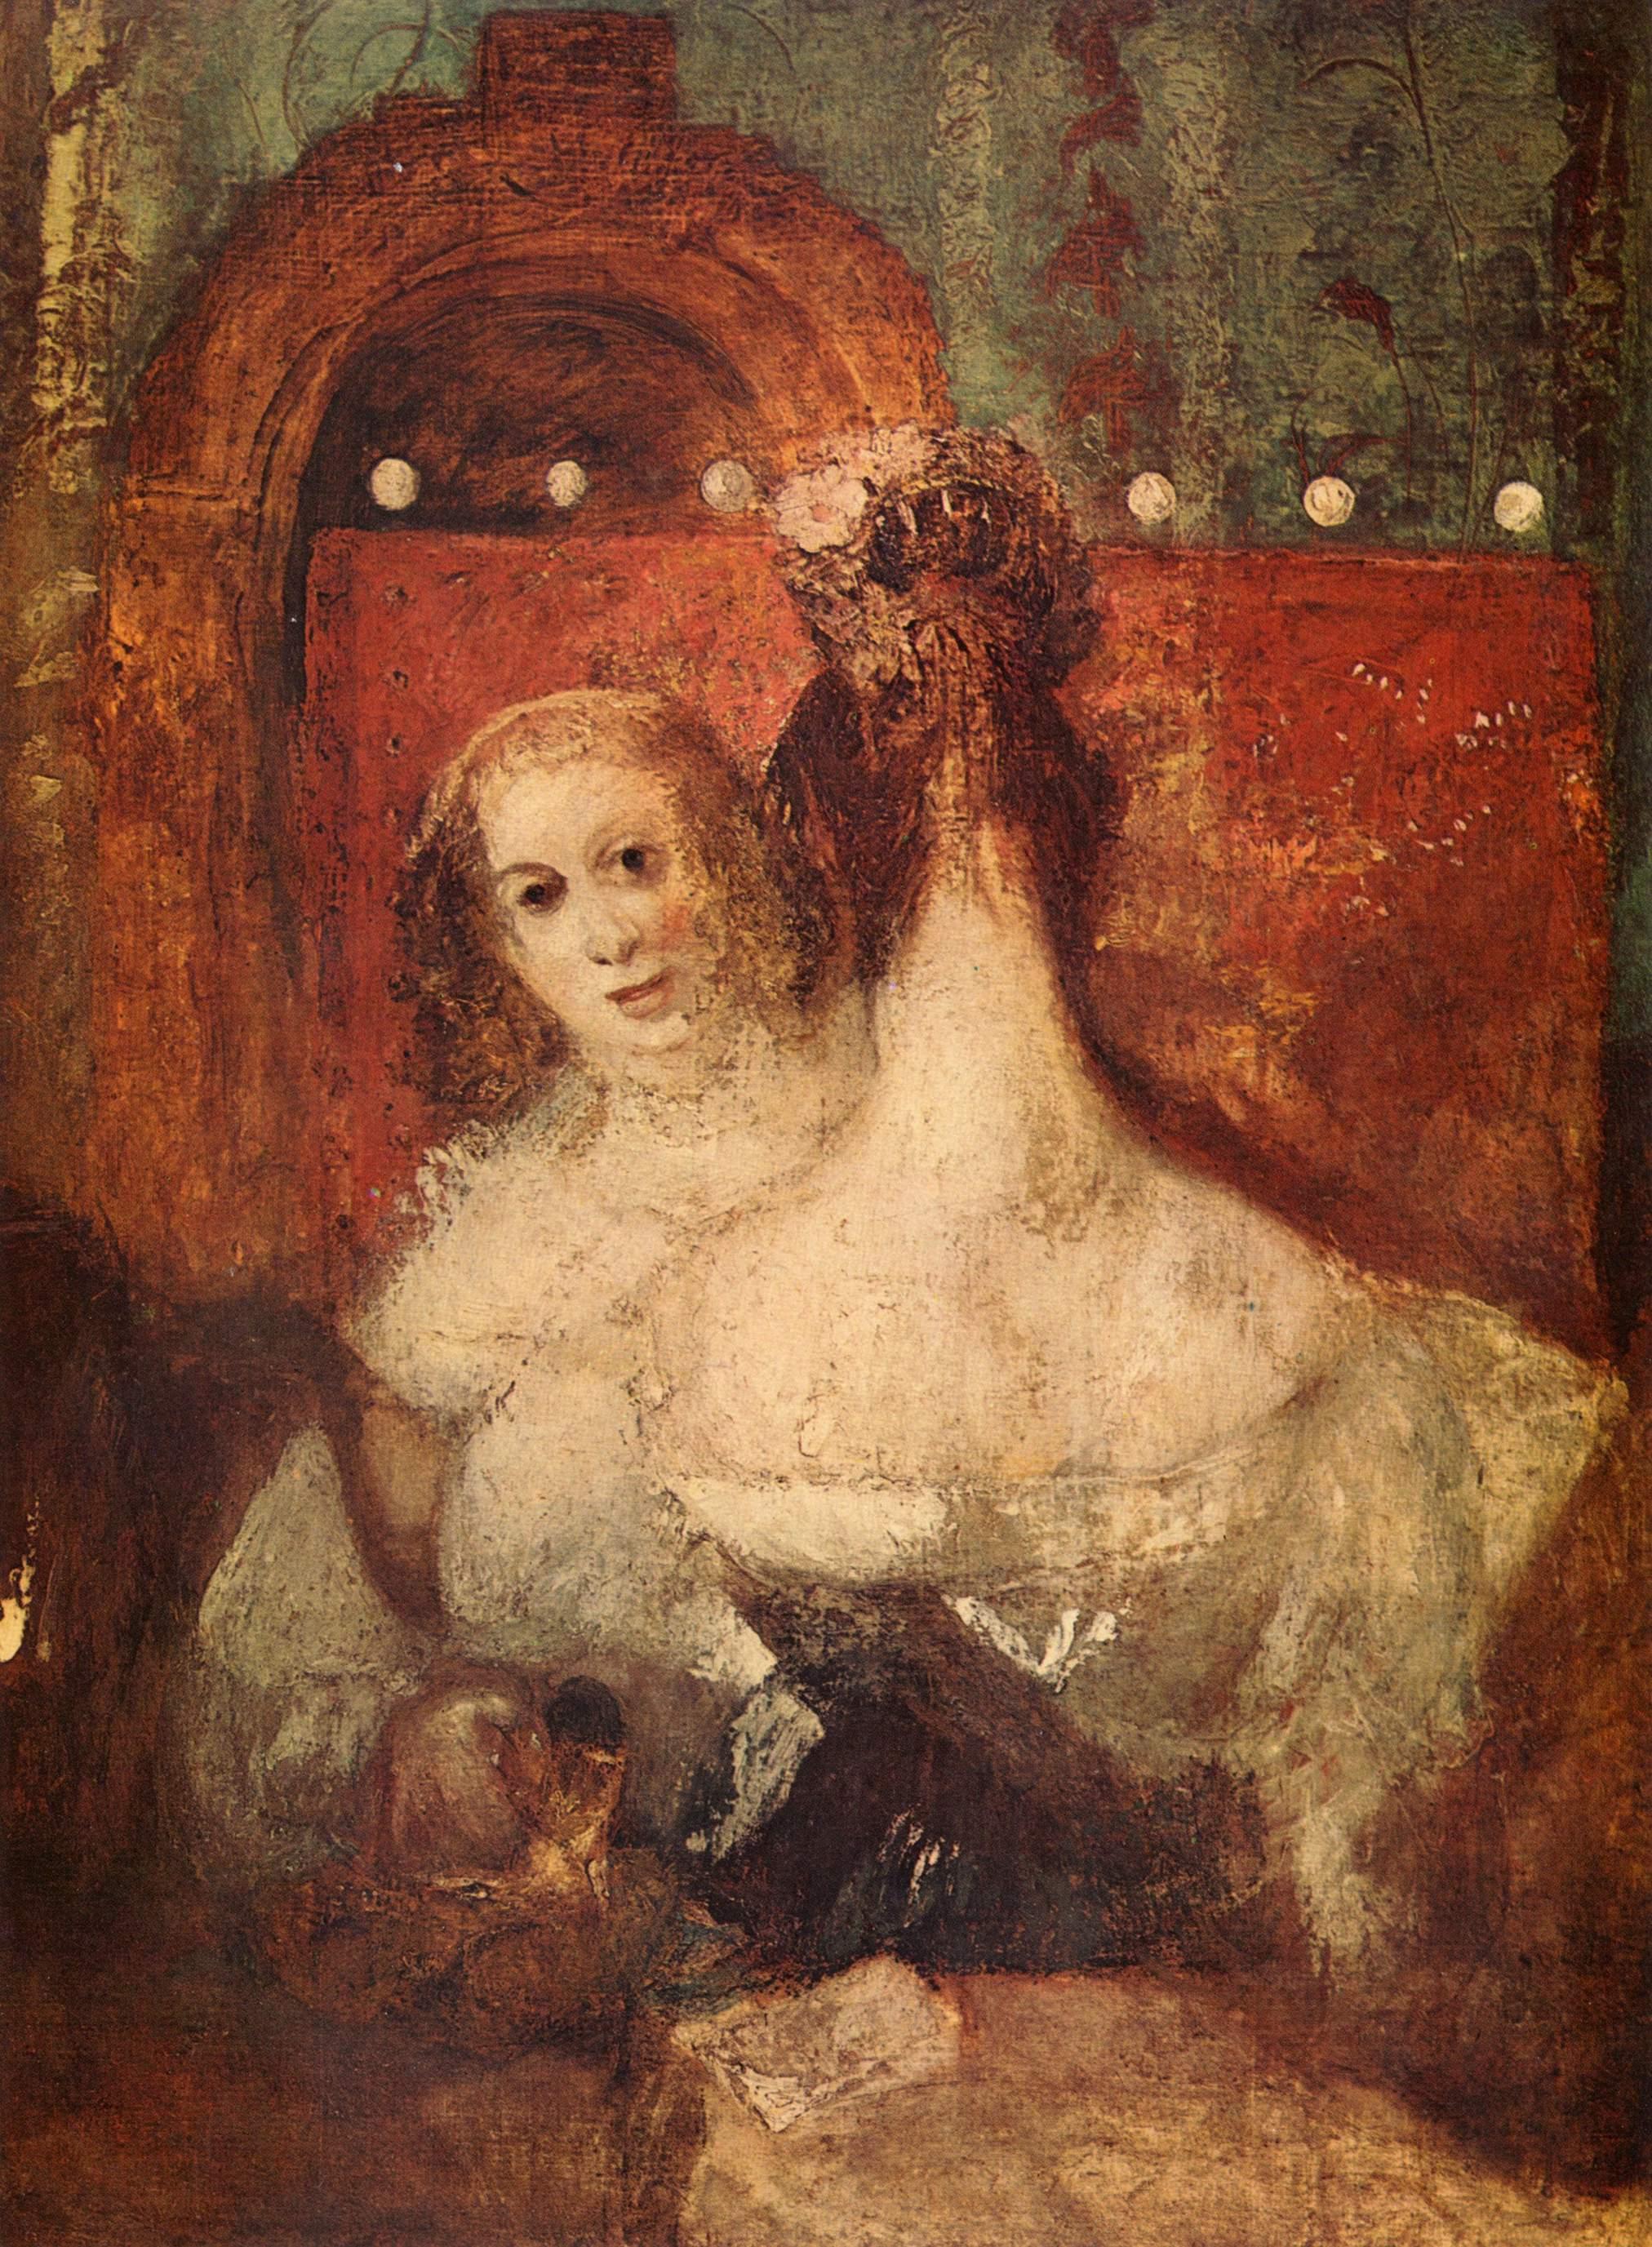 картина < Две женщины и одно письмо >:: Уильям Тёрнер ( William Turner ) - Тёрнер Уйльям фото